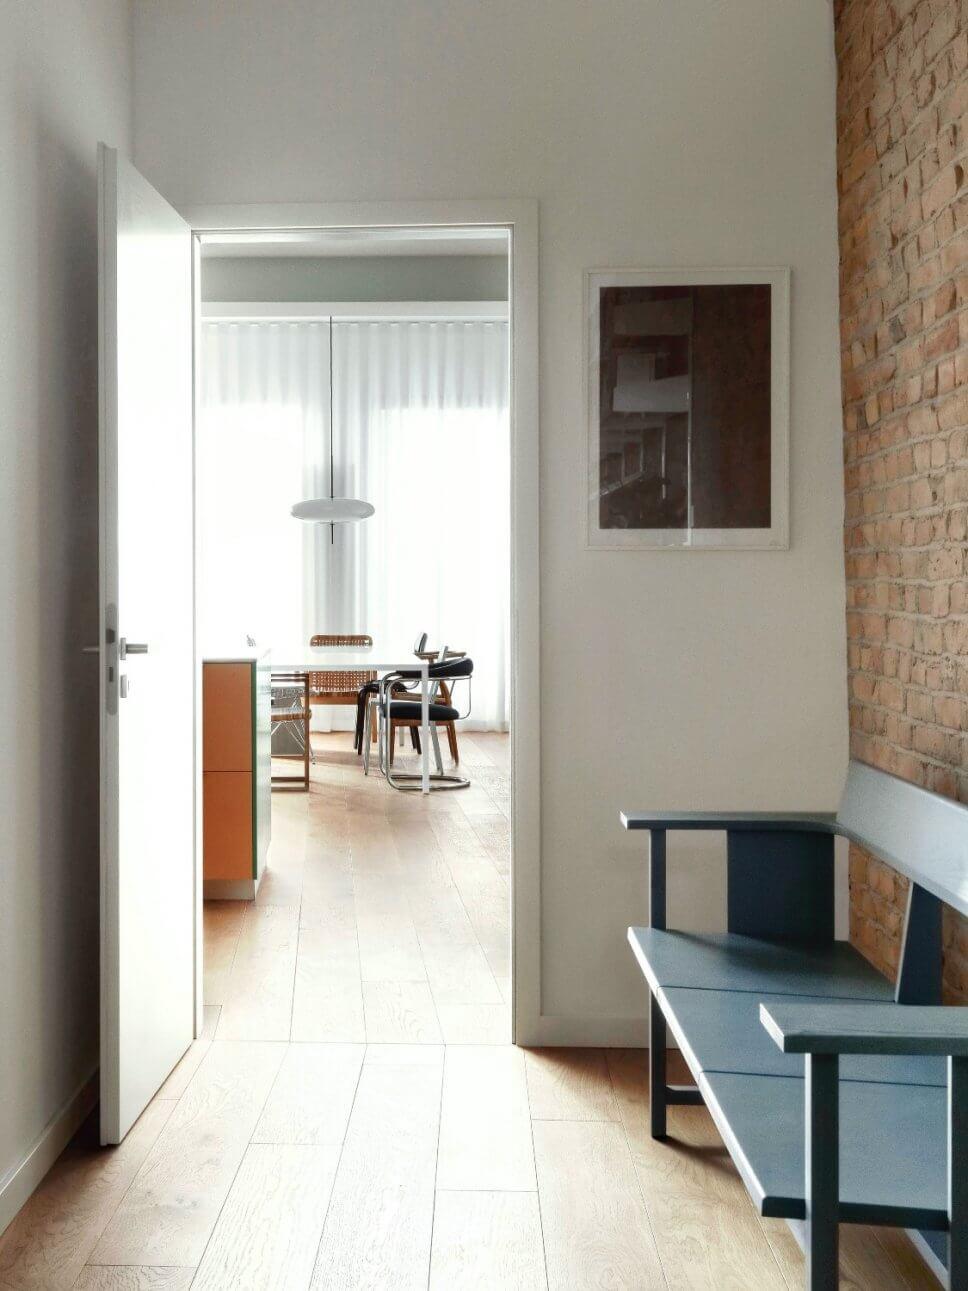 Moderne Wohnung mit Backsteinwand, Blick durch Tür von Flur ins Esszimmer